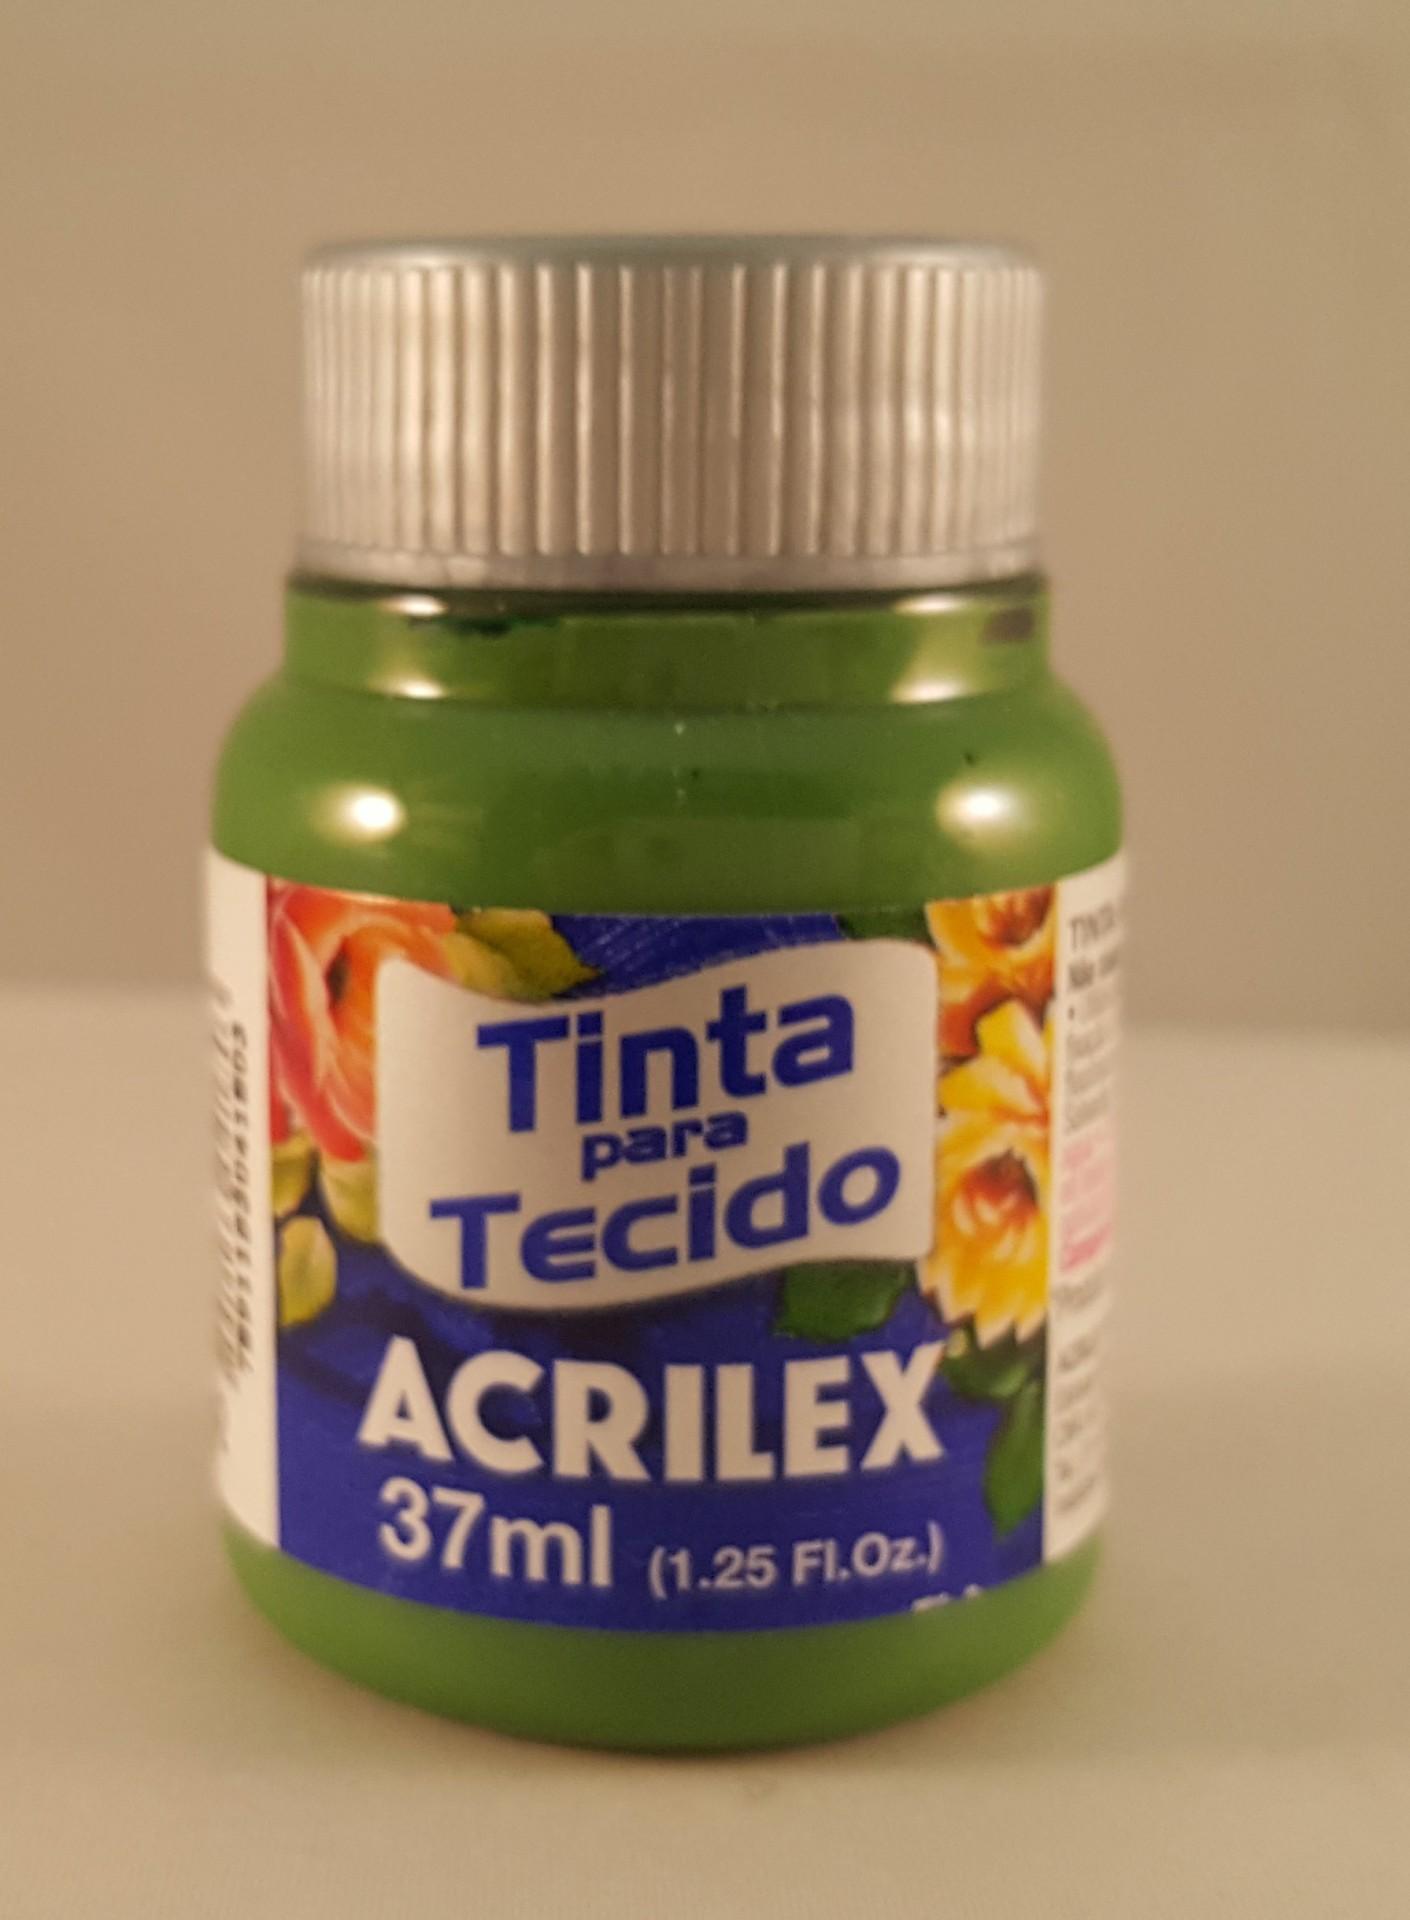 Tinta Tecido Acrilex verde grama 582